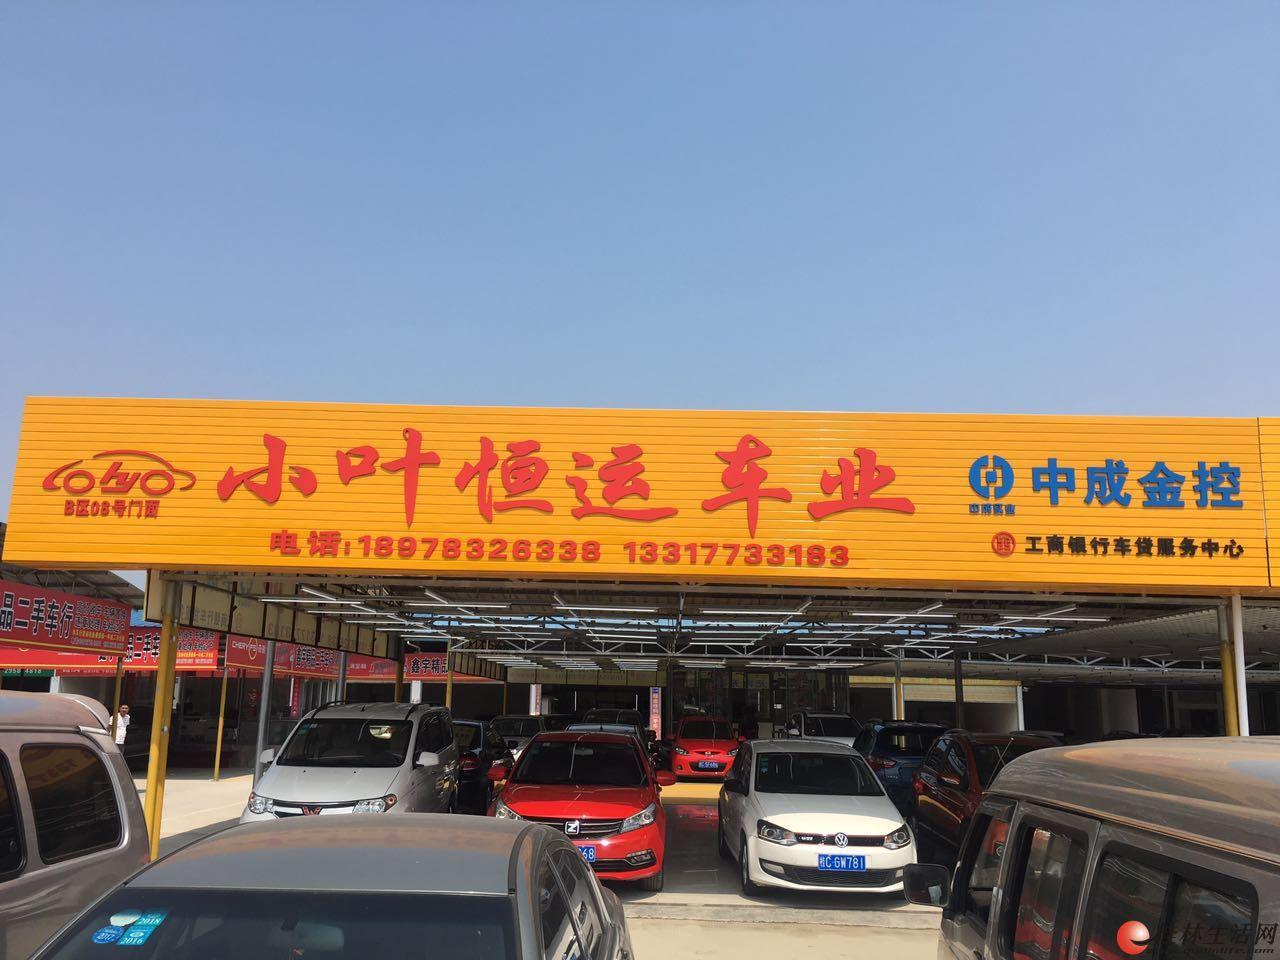 桂林市小叶恒运精品二手车销售有限公司——【主营:5【年】10万以内精品无事故二手